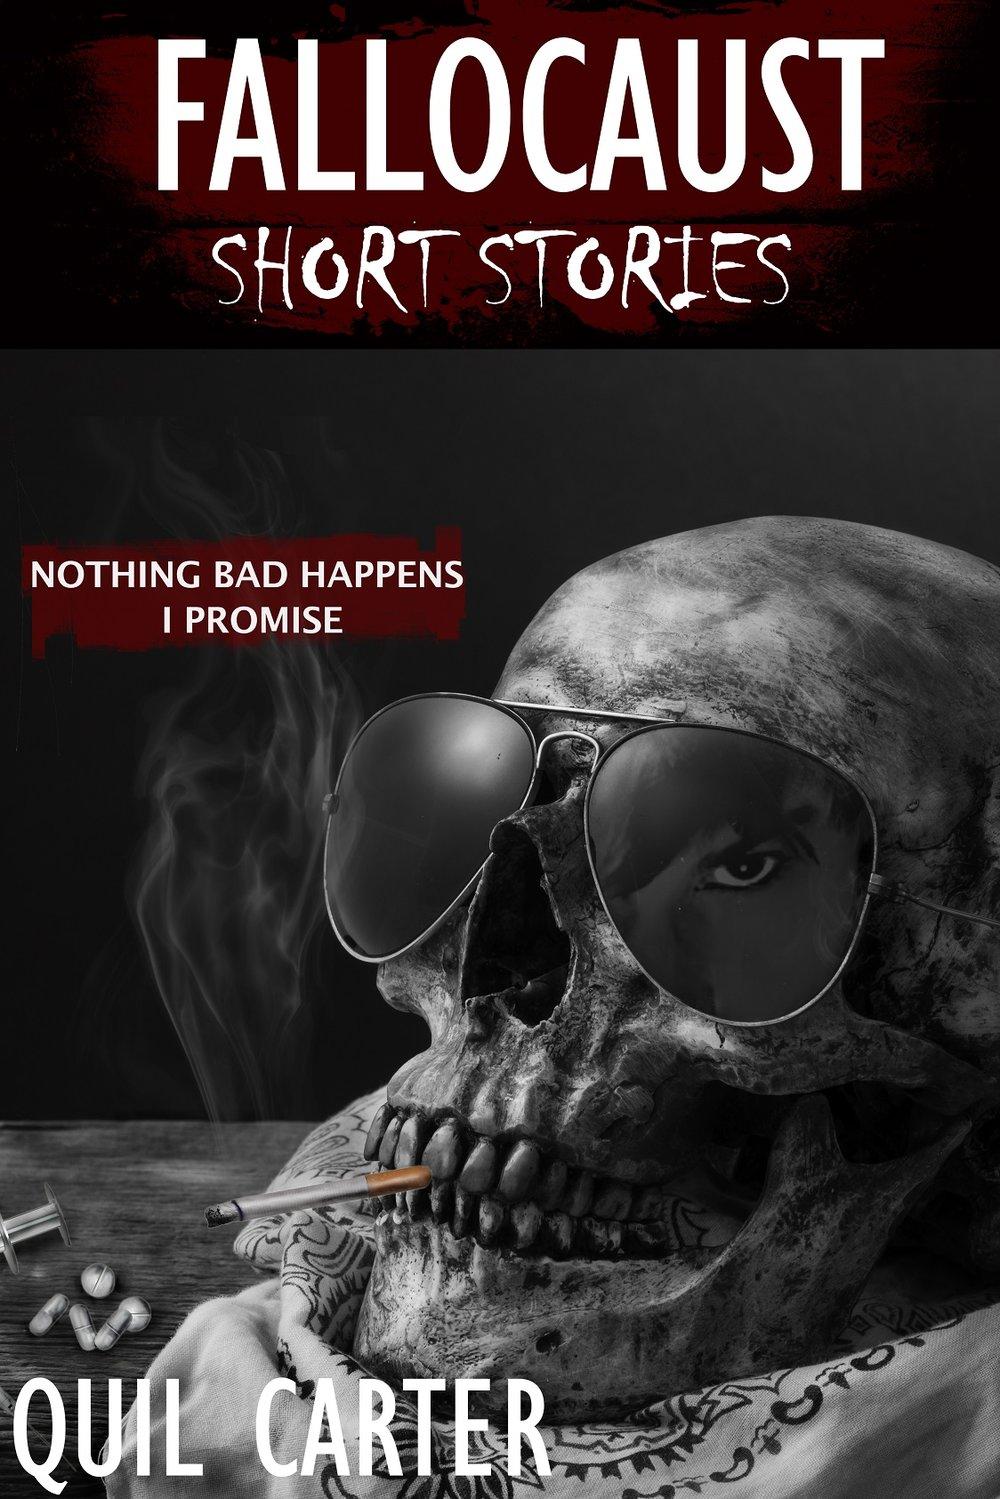 Fallocaust Short Stories Cover Medium.jpg